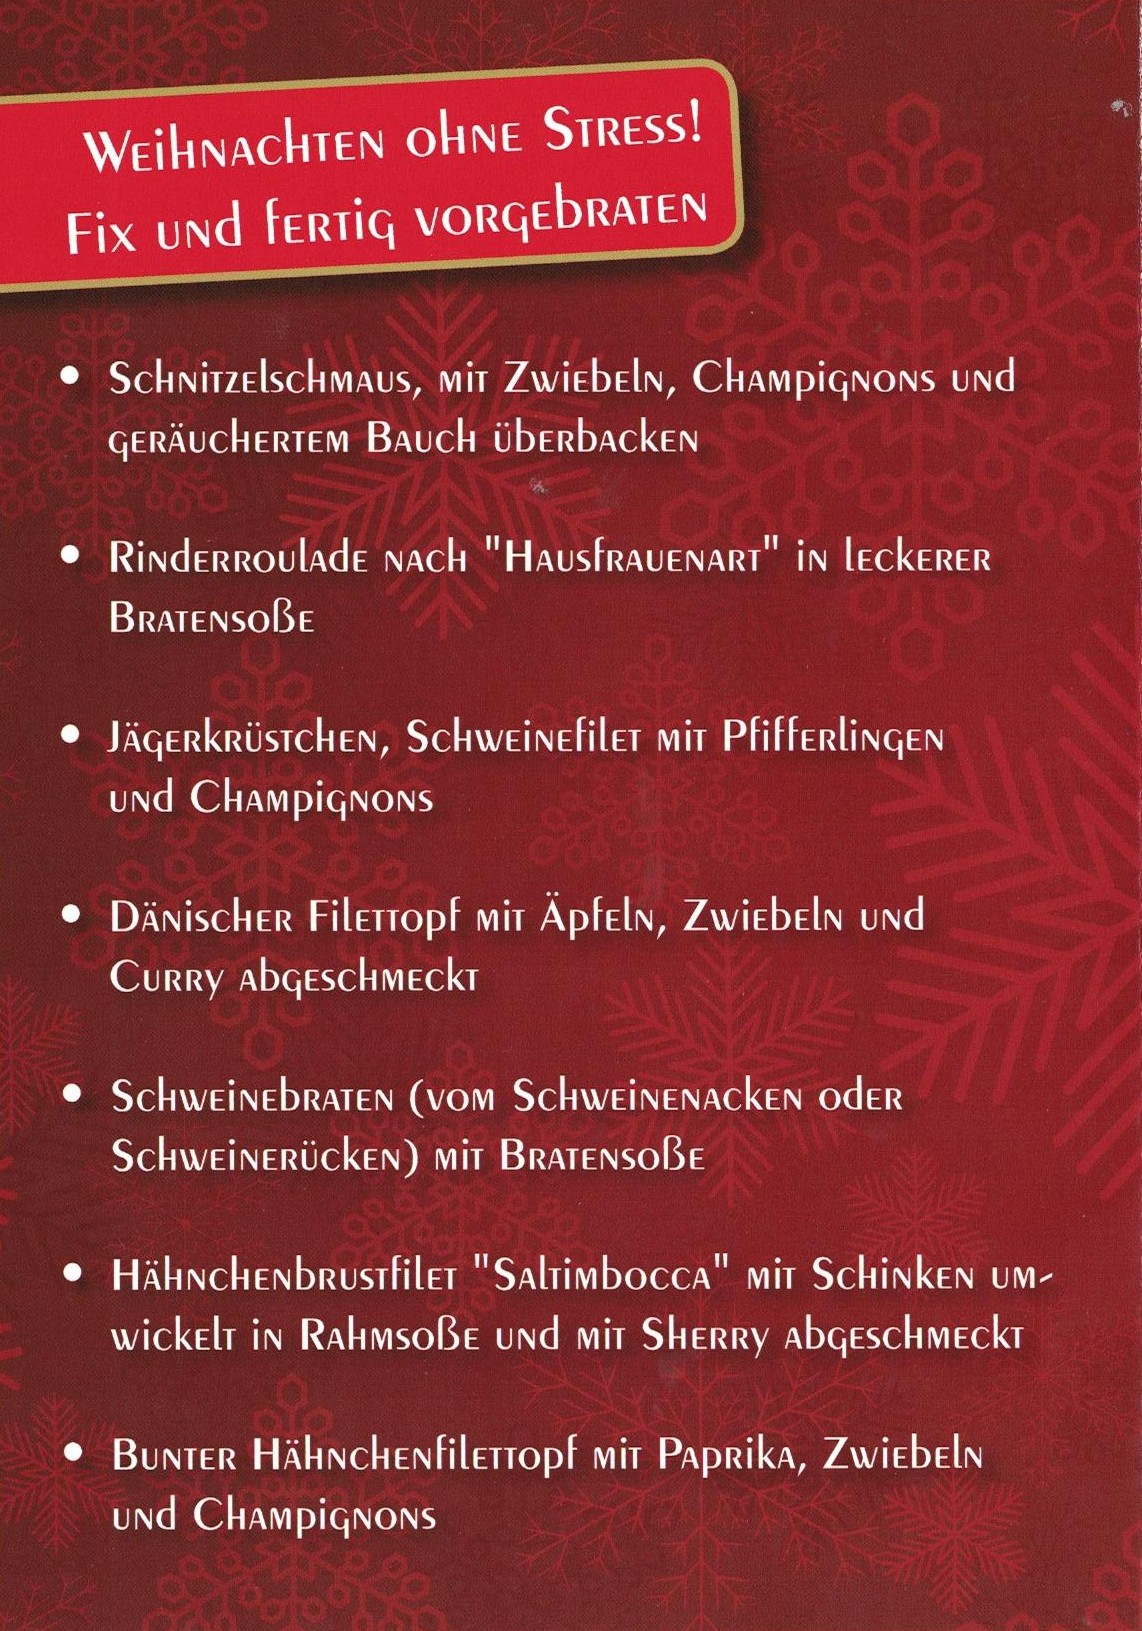 Weihnachtsflyer-Seite-2